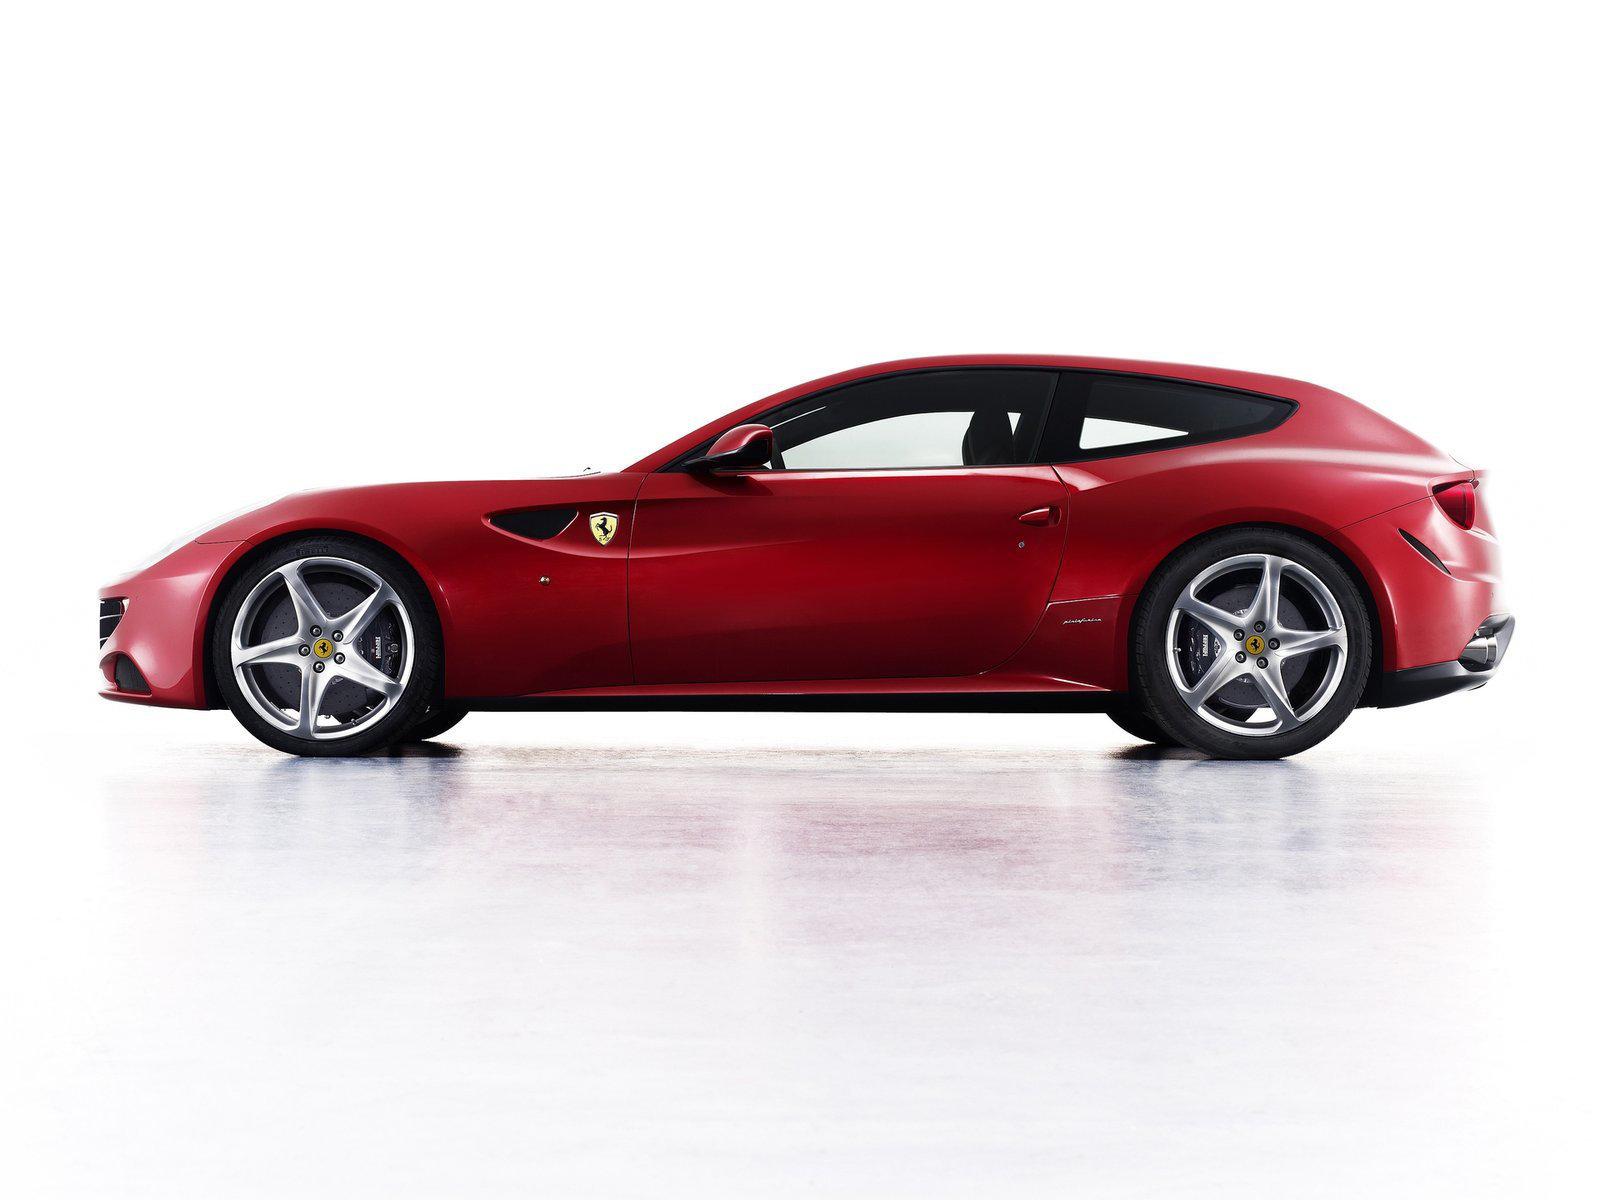 Coloriage Ferrari Ff À Imprimer Et Colorier avec Ferrari A Colorier